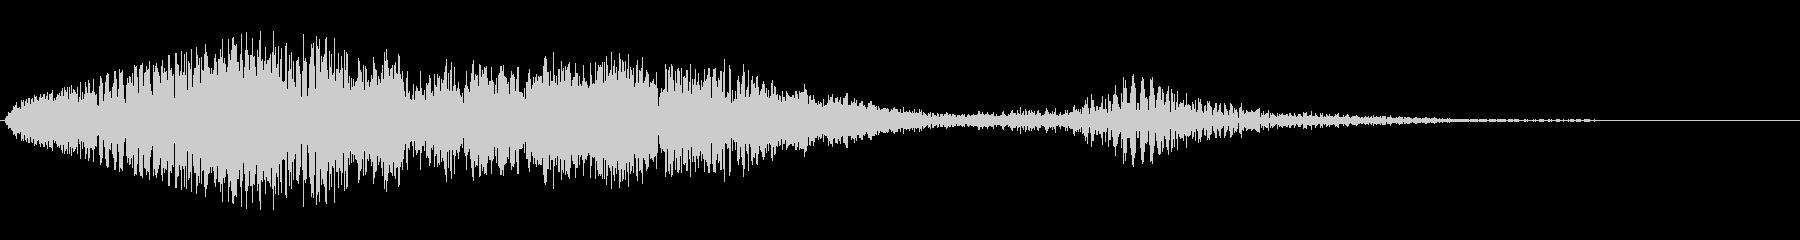 シンセサイザーの空間的な音階の効果音の未再生の波形